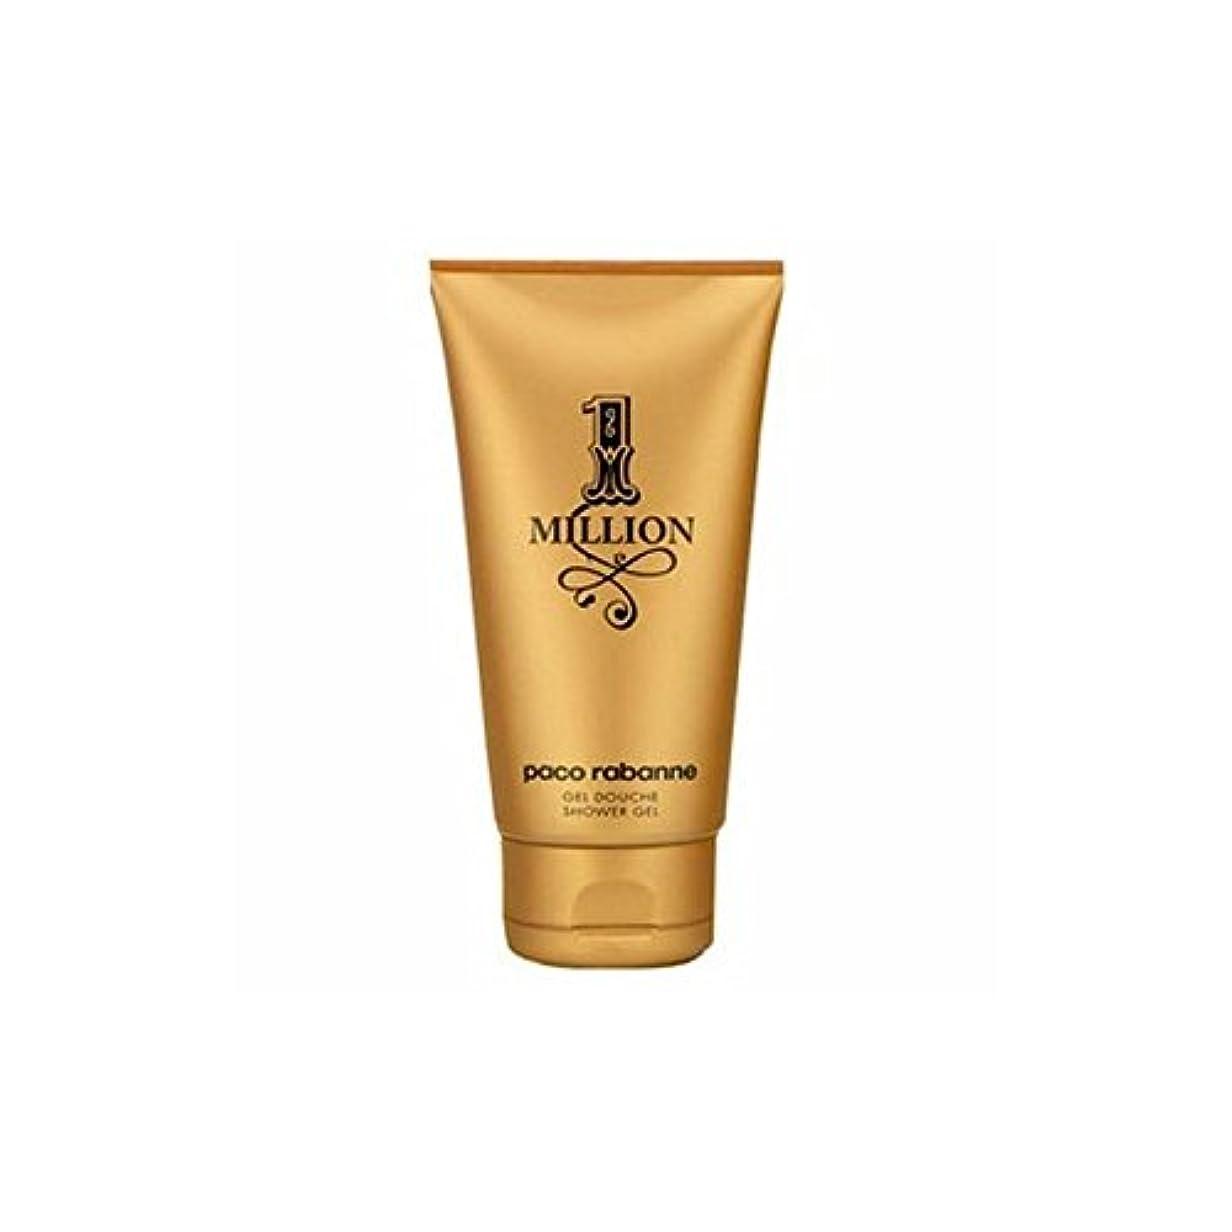 相談タイピスト比較的[Paco Rabanne ] 男性のためのパコ?ラバンヌの100万シャワージェル - 150ミリリットル - Paco Rabanne 1 Million Shower gel for Men - 150ml [並行輸入品]